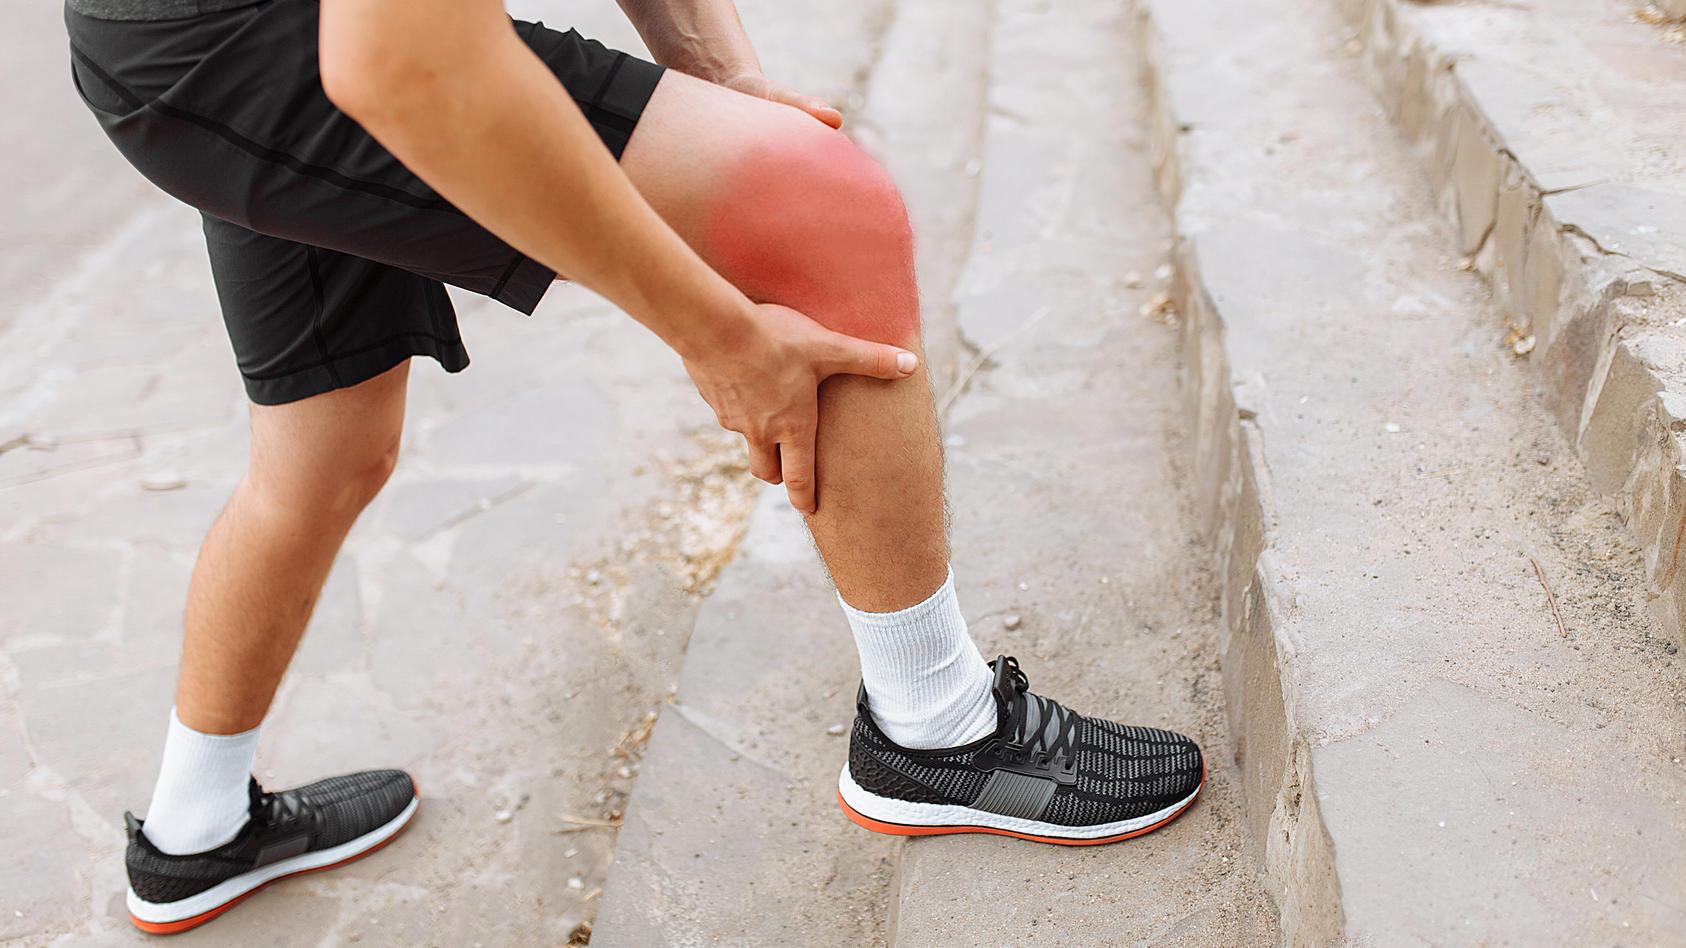 Wenn eine Wunde anschwillt, rot wird und weh tut, kann dies Anzeichen einer Entzündung sein